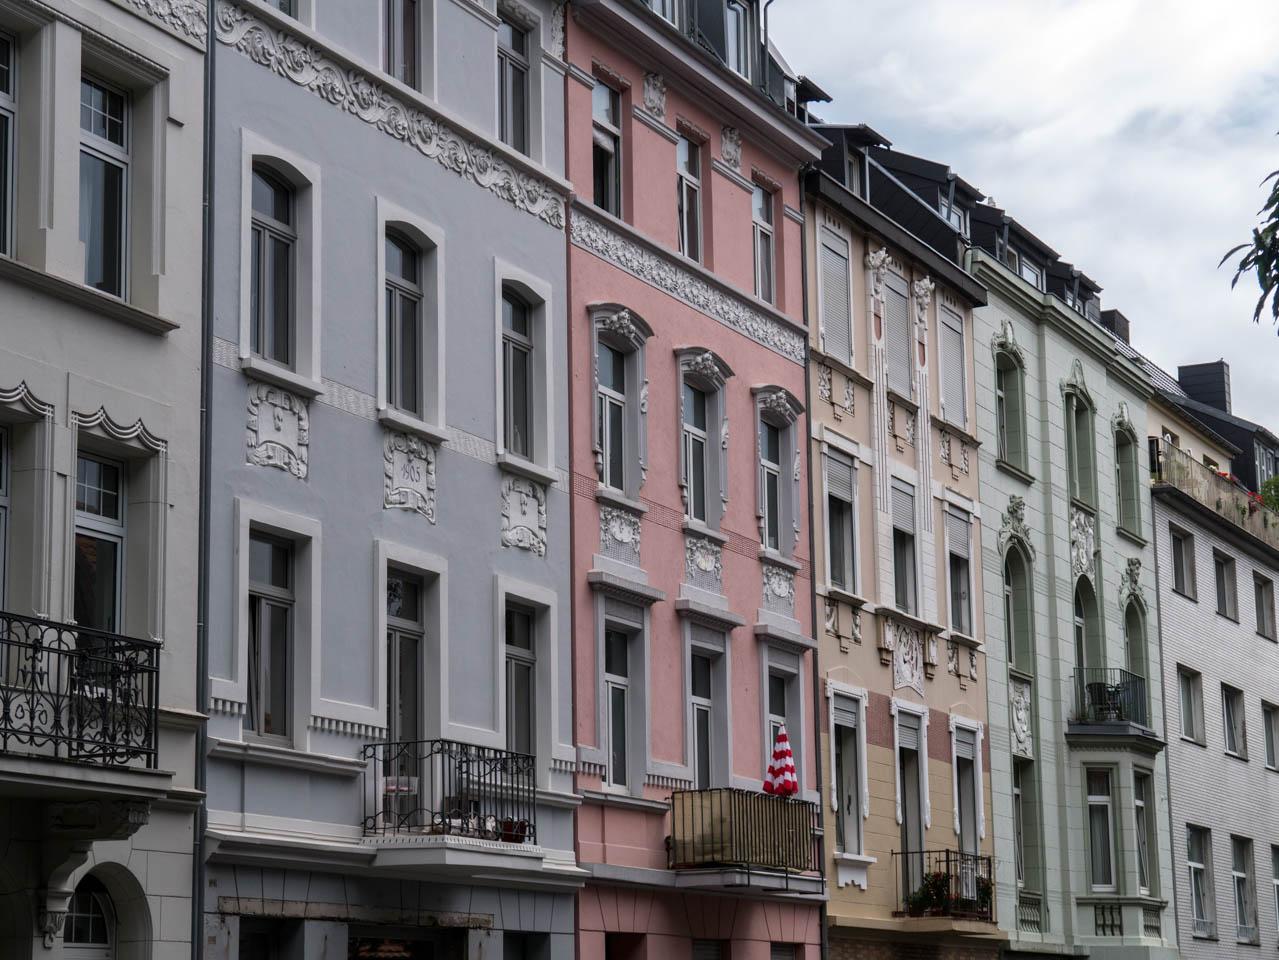 hübsche Altbauten (1 von 1)